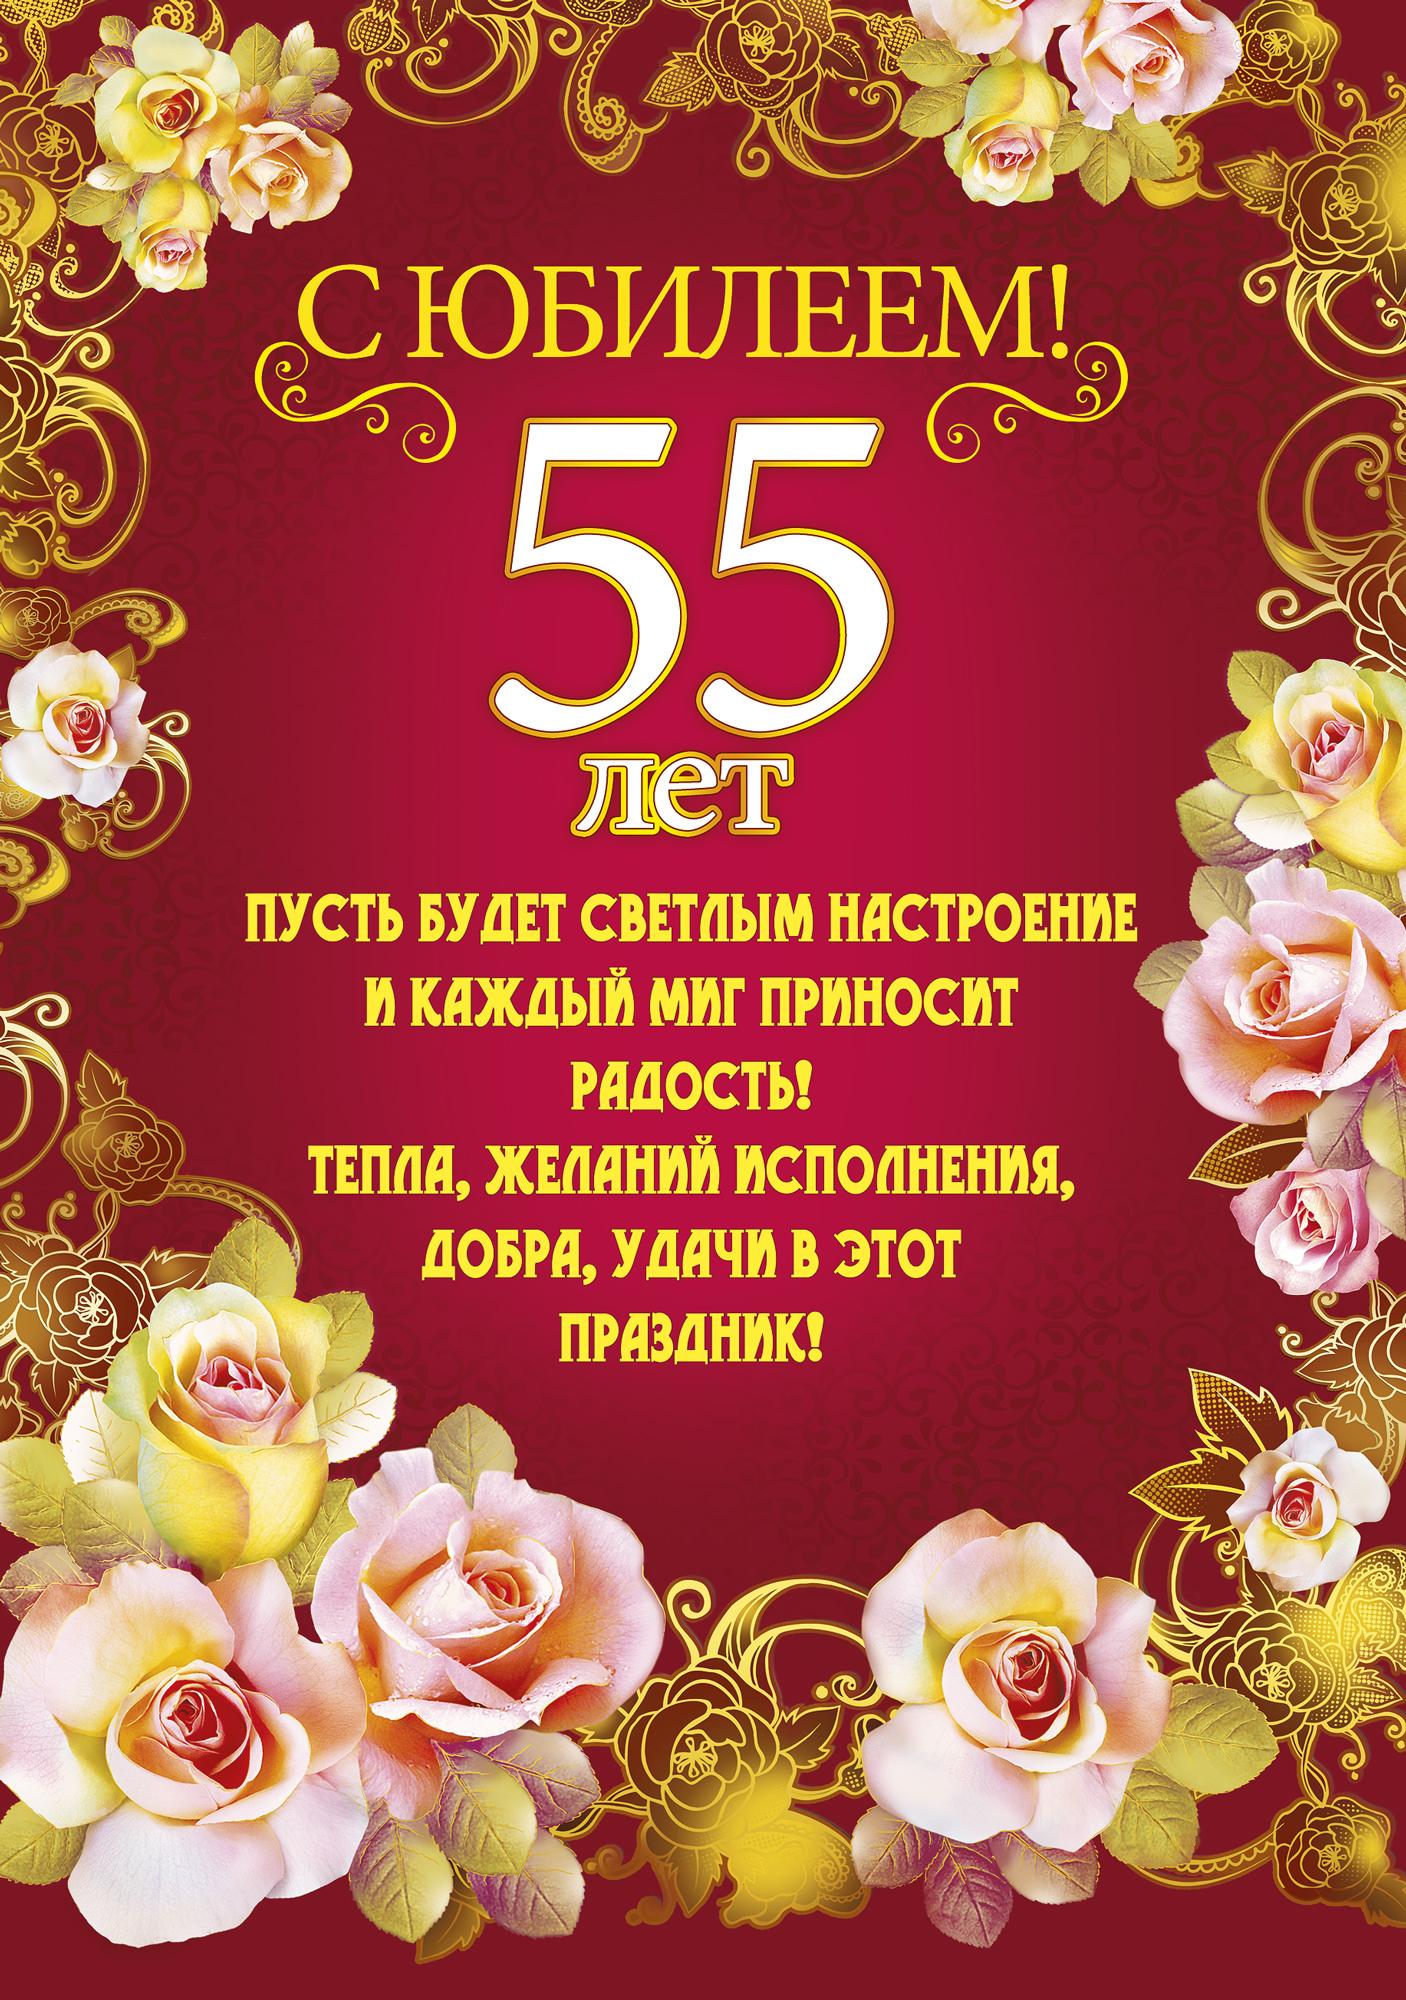 Поздравление с днем рождения мужчине 55 лет в картинках